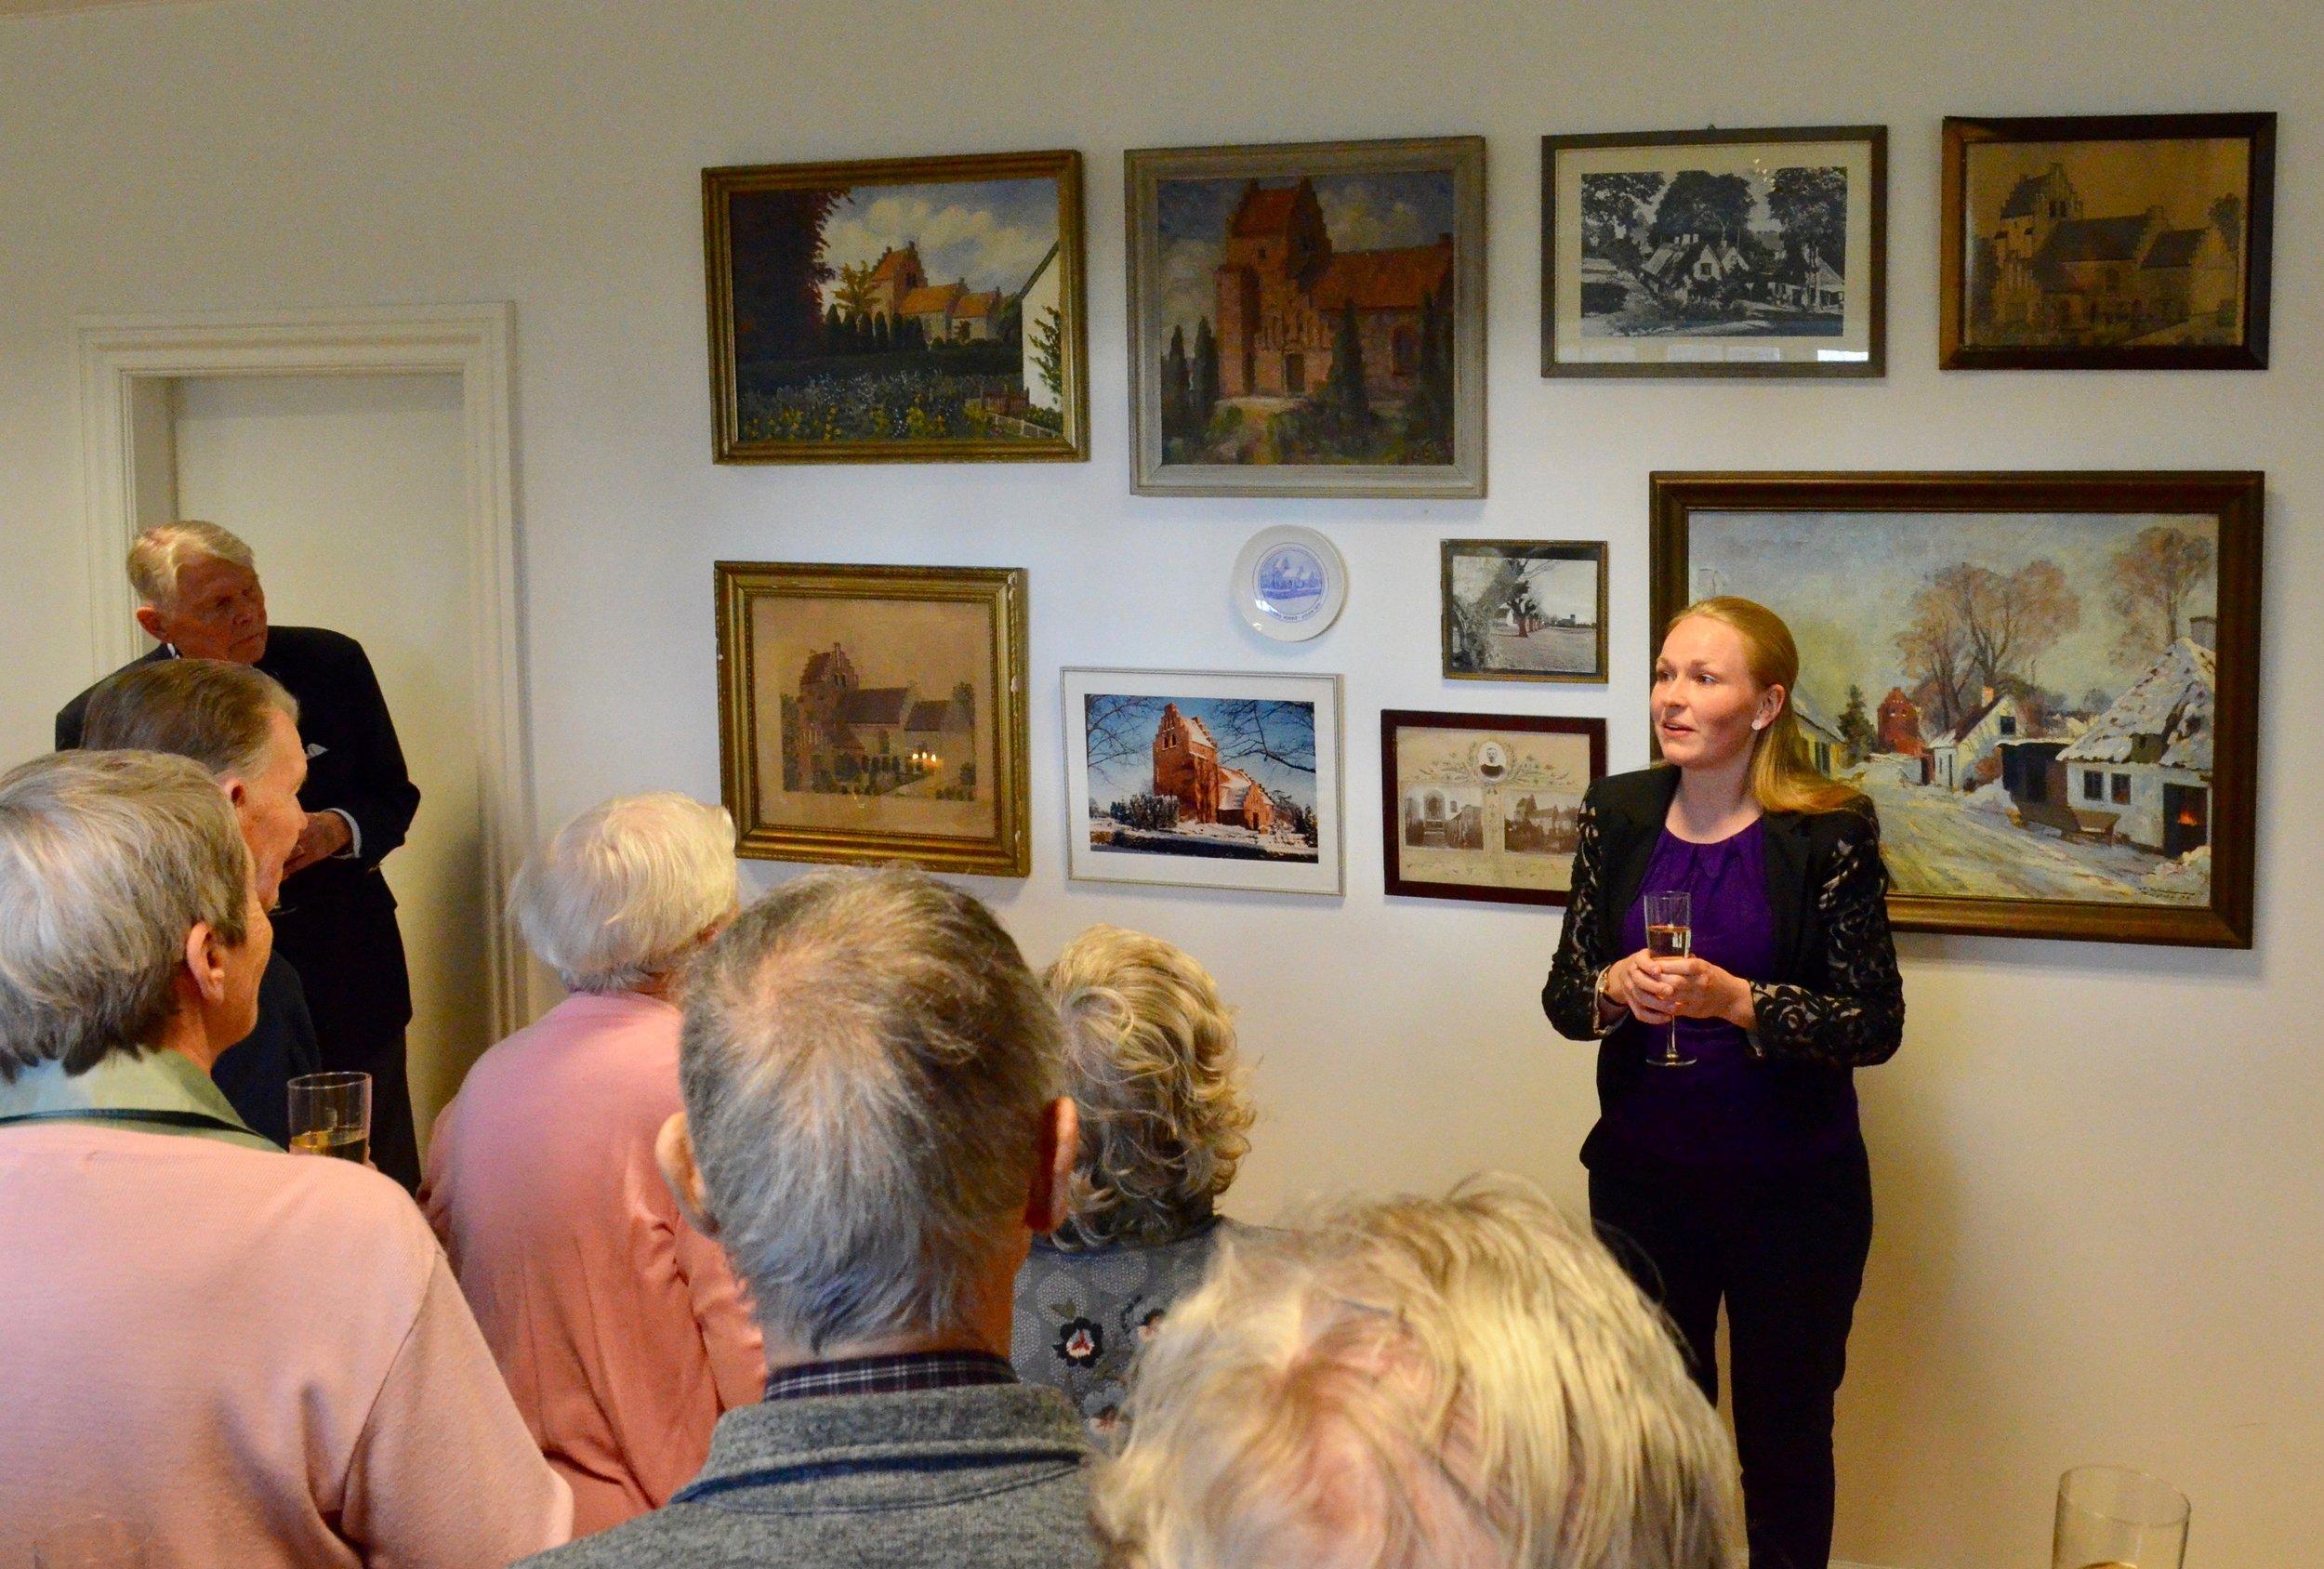 Sognepræst Kristine K. Ravn bød velkommen til præsentationen af de ti billeder, som nu er ophængt i Blovstrød Sognegård.Foto: AOB